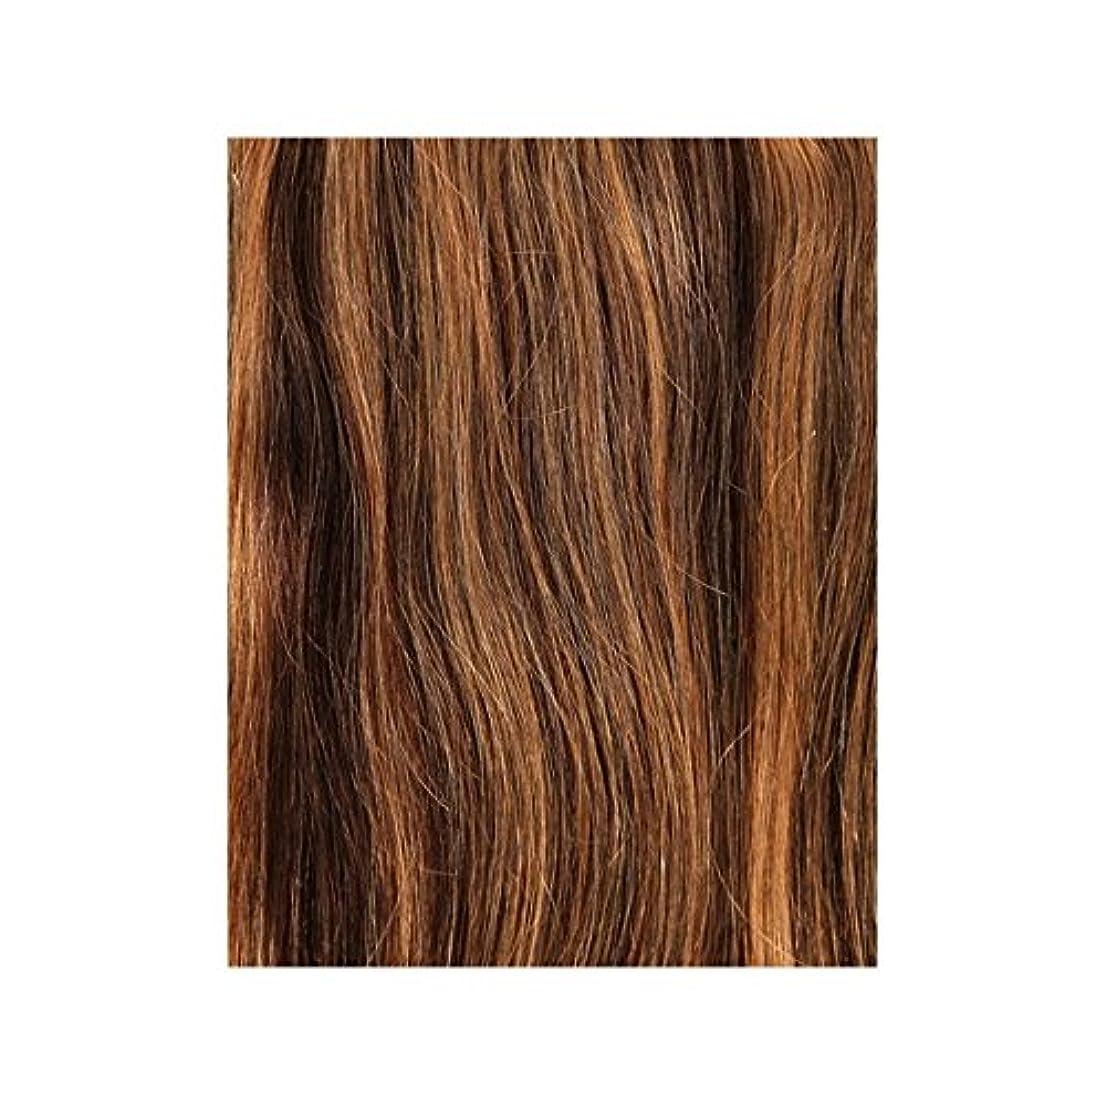 おもてなし合計浸透するBeauty Works 100% Remy Colour Swatch Hair Extension - Blondette 4/27 - 4/27 - 美しさは、100%レミーの色見本ヘアエクステンションの作品 [並行輸入品]